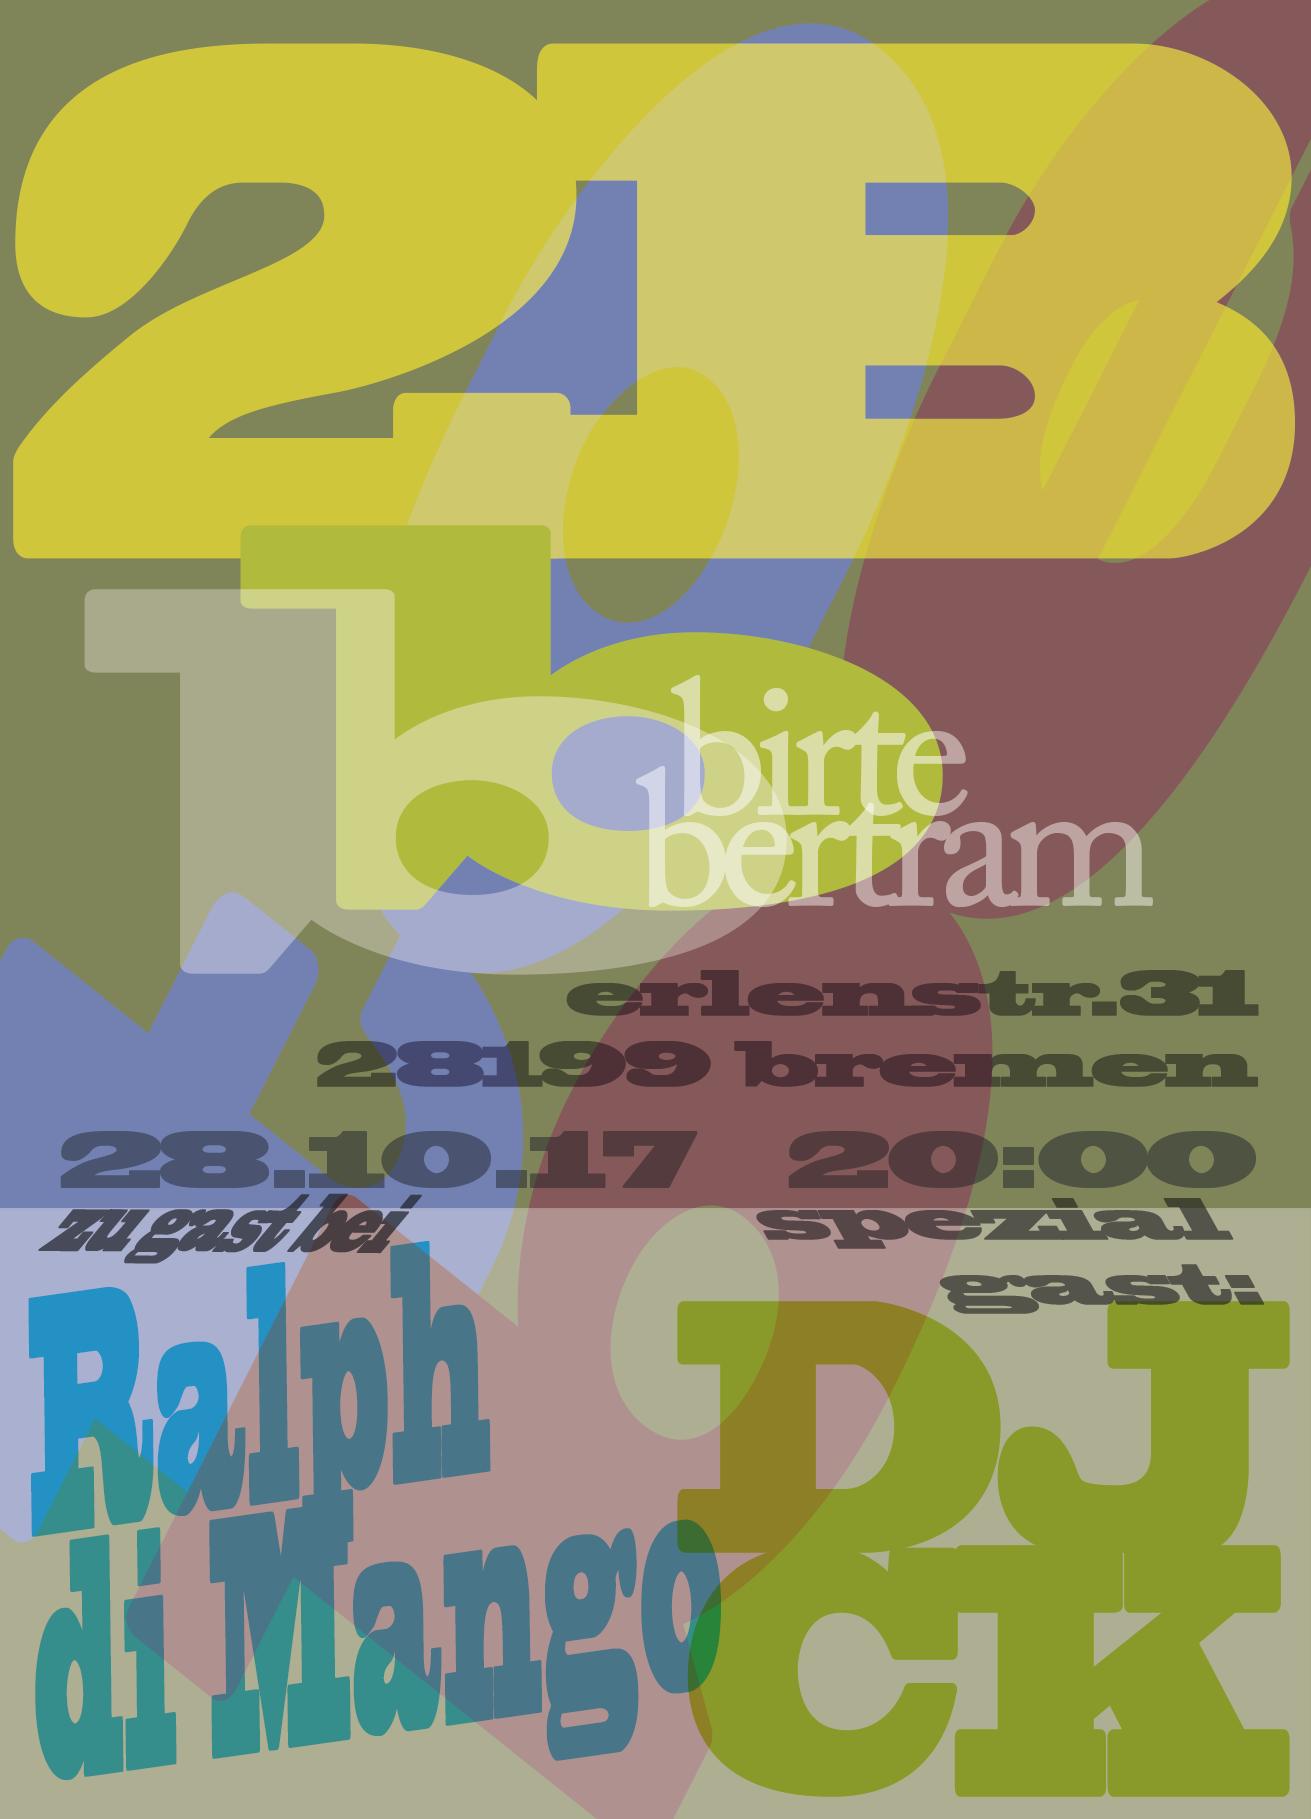 28.10.17  2B, Ralph di Mango und DJ CK – Konzert und Tanz.